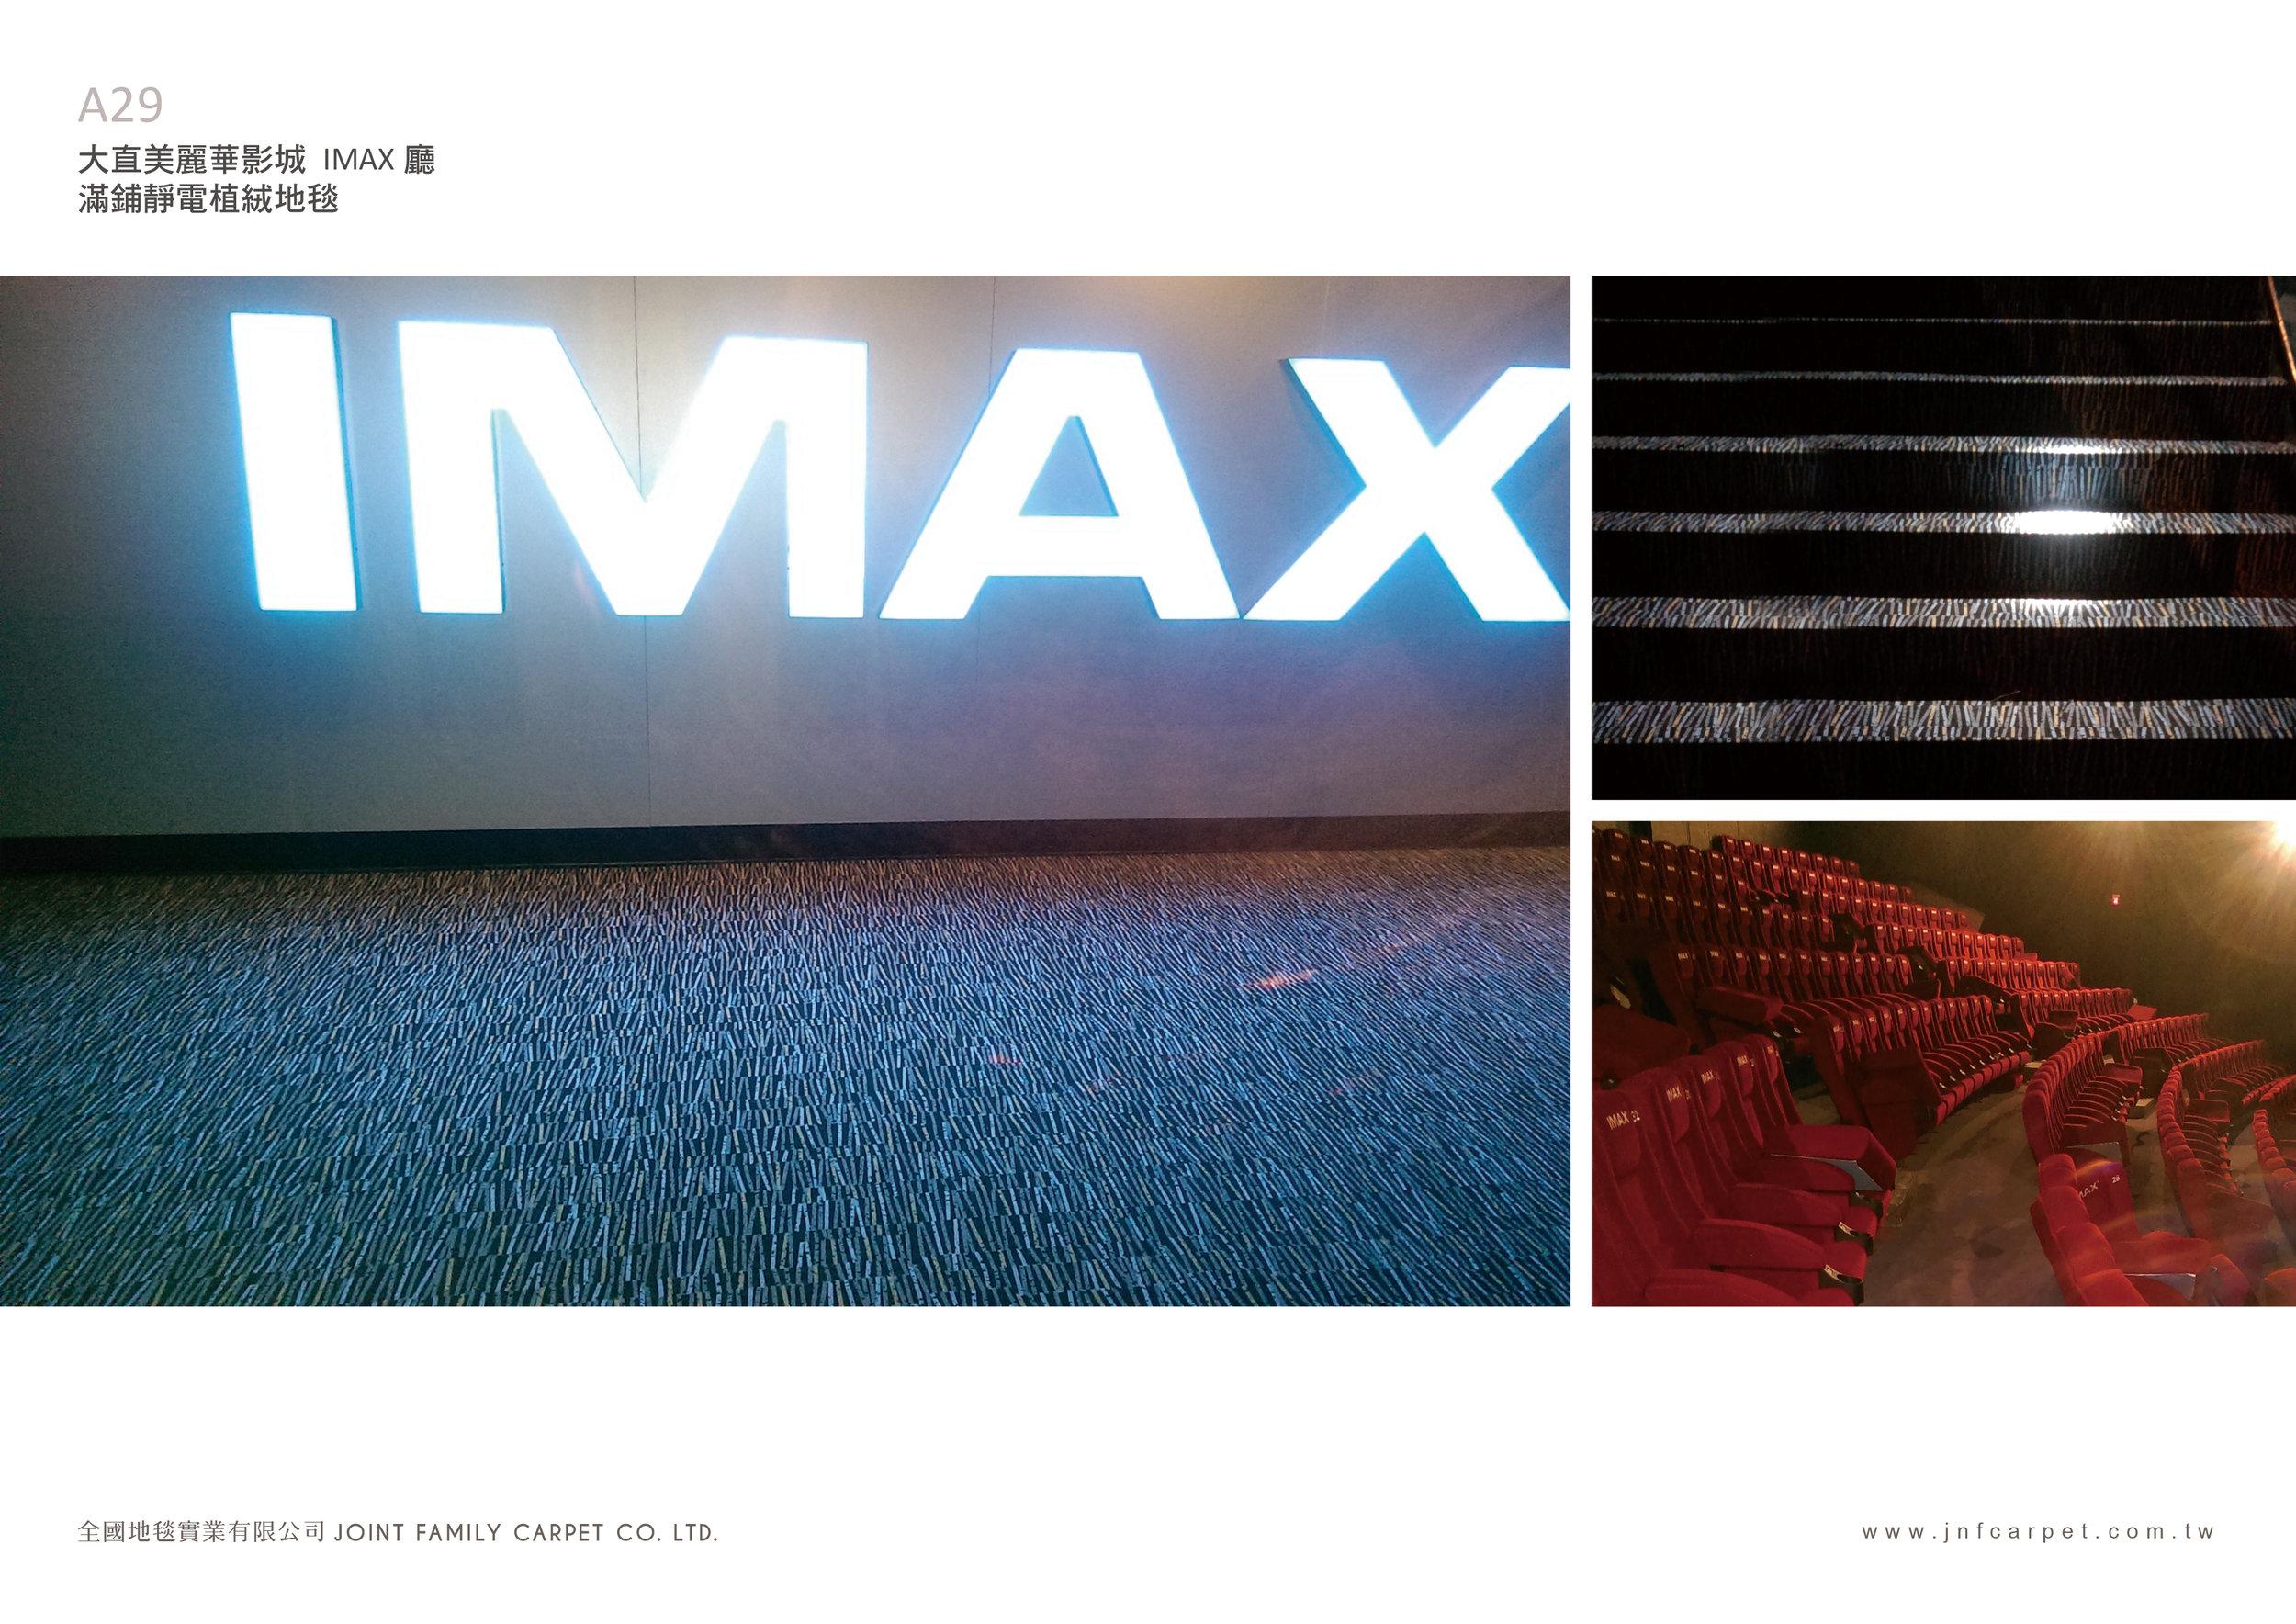 大直美麗華影城 IMAX廳